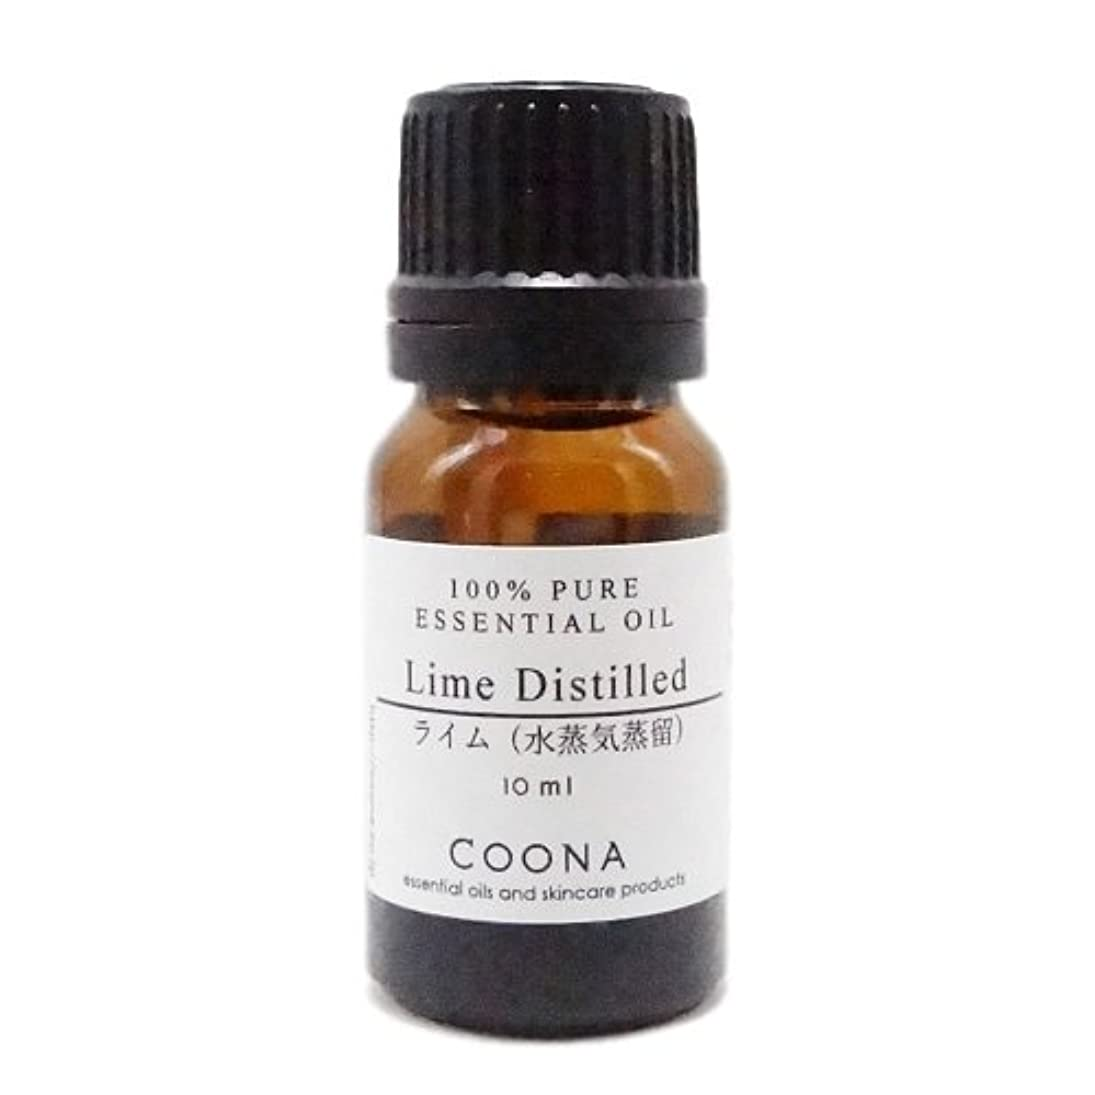 契約した数学的な一方、ライム 水蒸気蒸留 10 ml (COONA エッセンシャルオイル アロマオイル 100%天然植物精油)